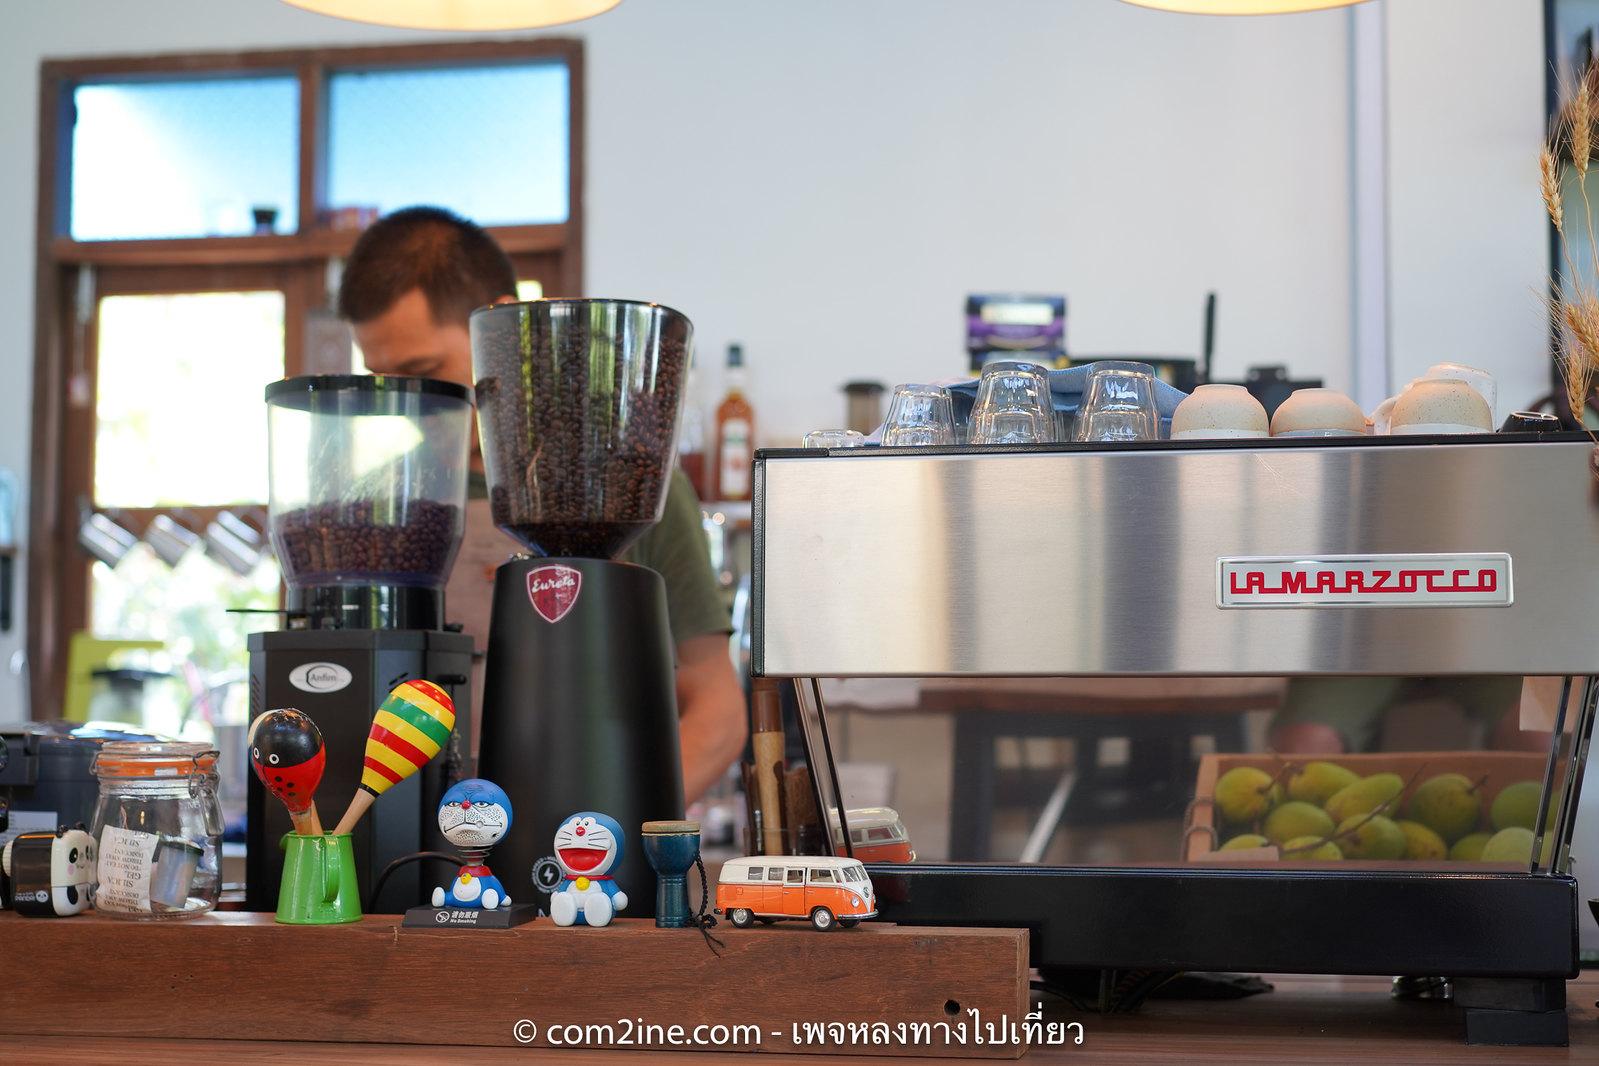 คราฟท์คาเฟ่ - เครื่องชงกาแฟของ La Marzocco